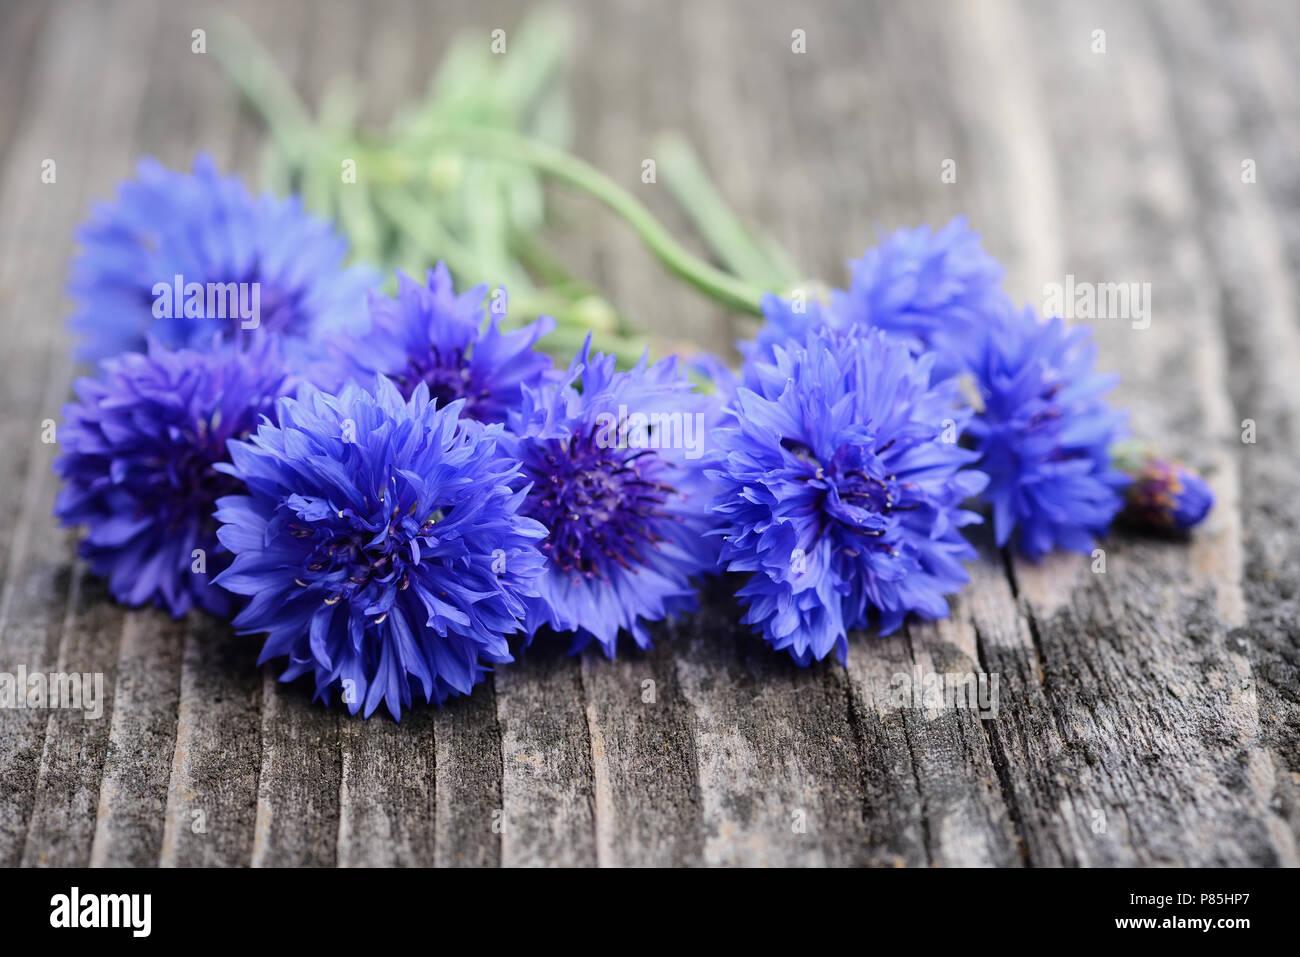 Cornflower Blue Flowers Centaurea Cyanus On An Old Wooden Table